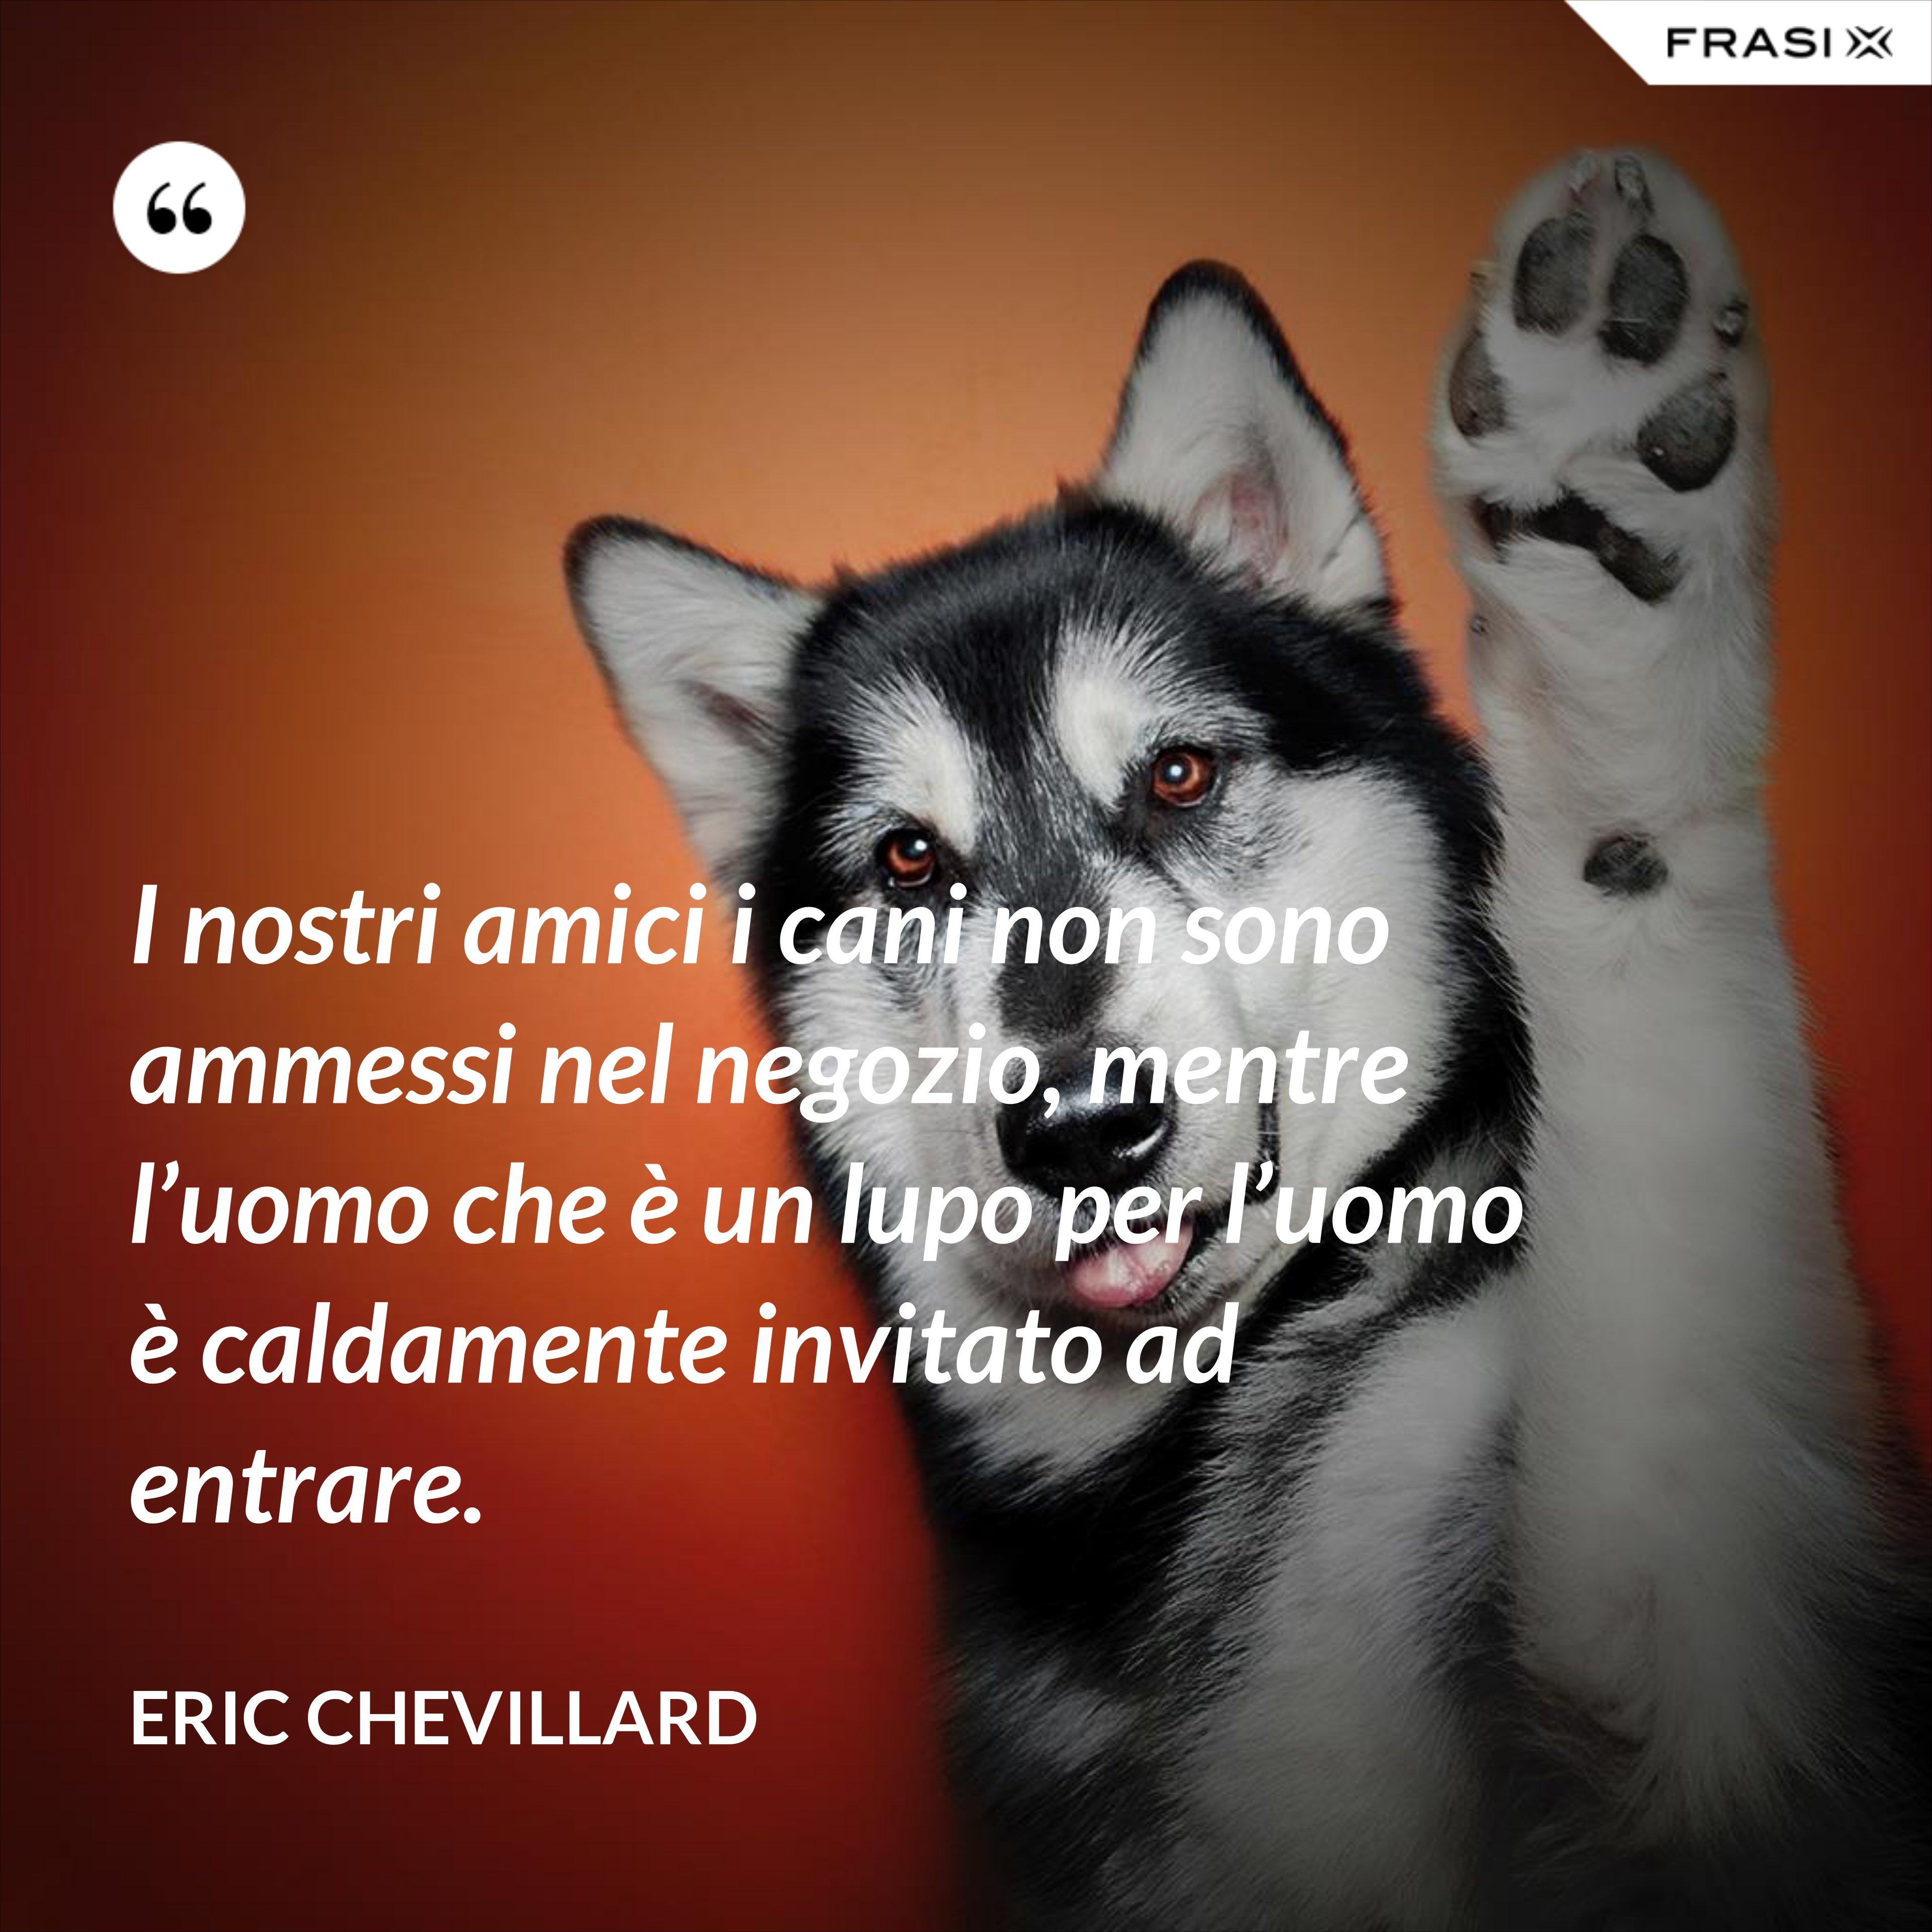 I nostri amici i cani non sono ammessi nel negozio, mentre l'uomo che è un lupo per l'uomo è caldamente invitato ad entrare. - Eric Chevillard